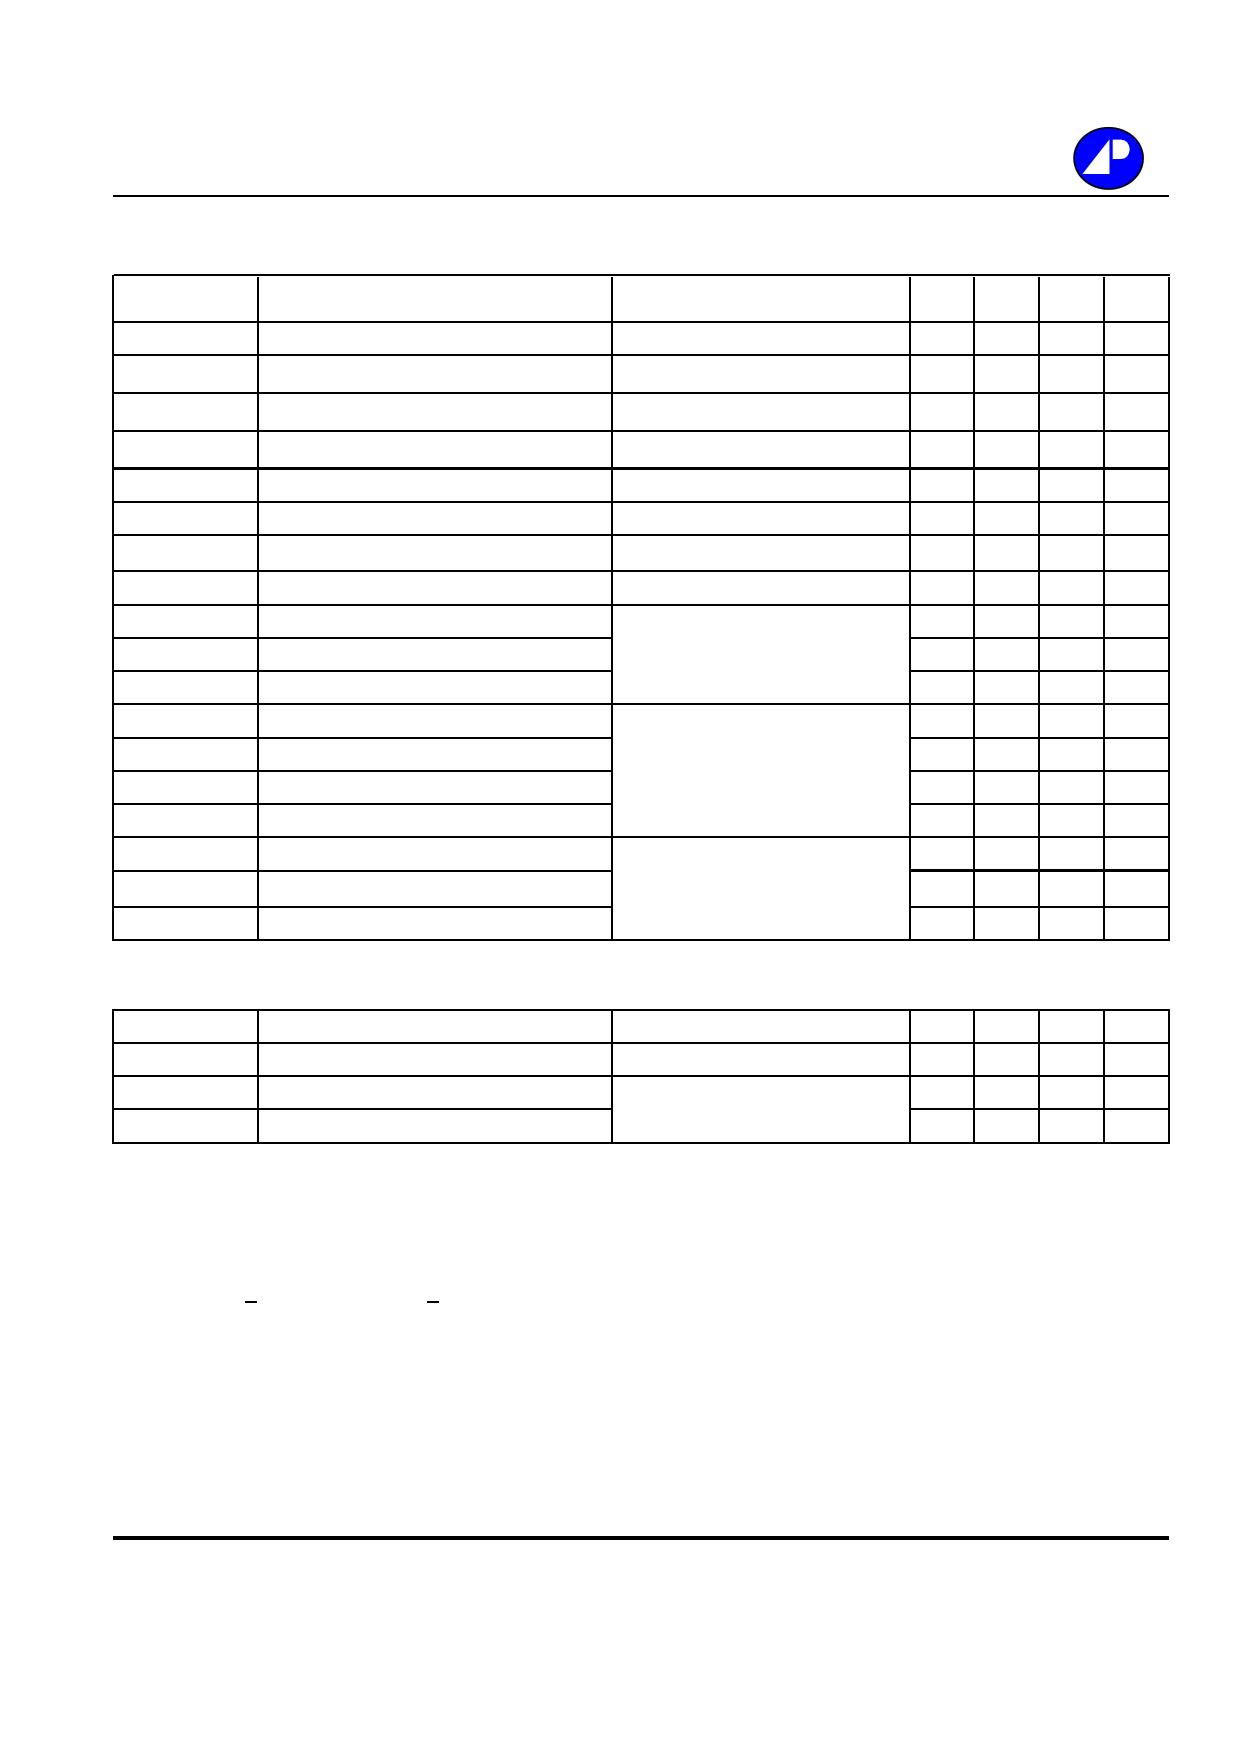 2761I-A pdf pinout